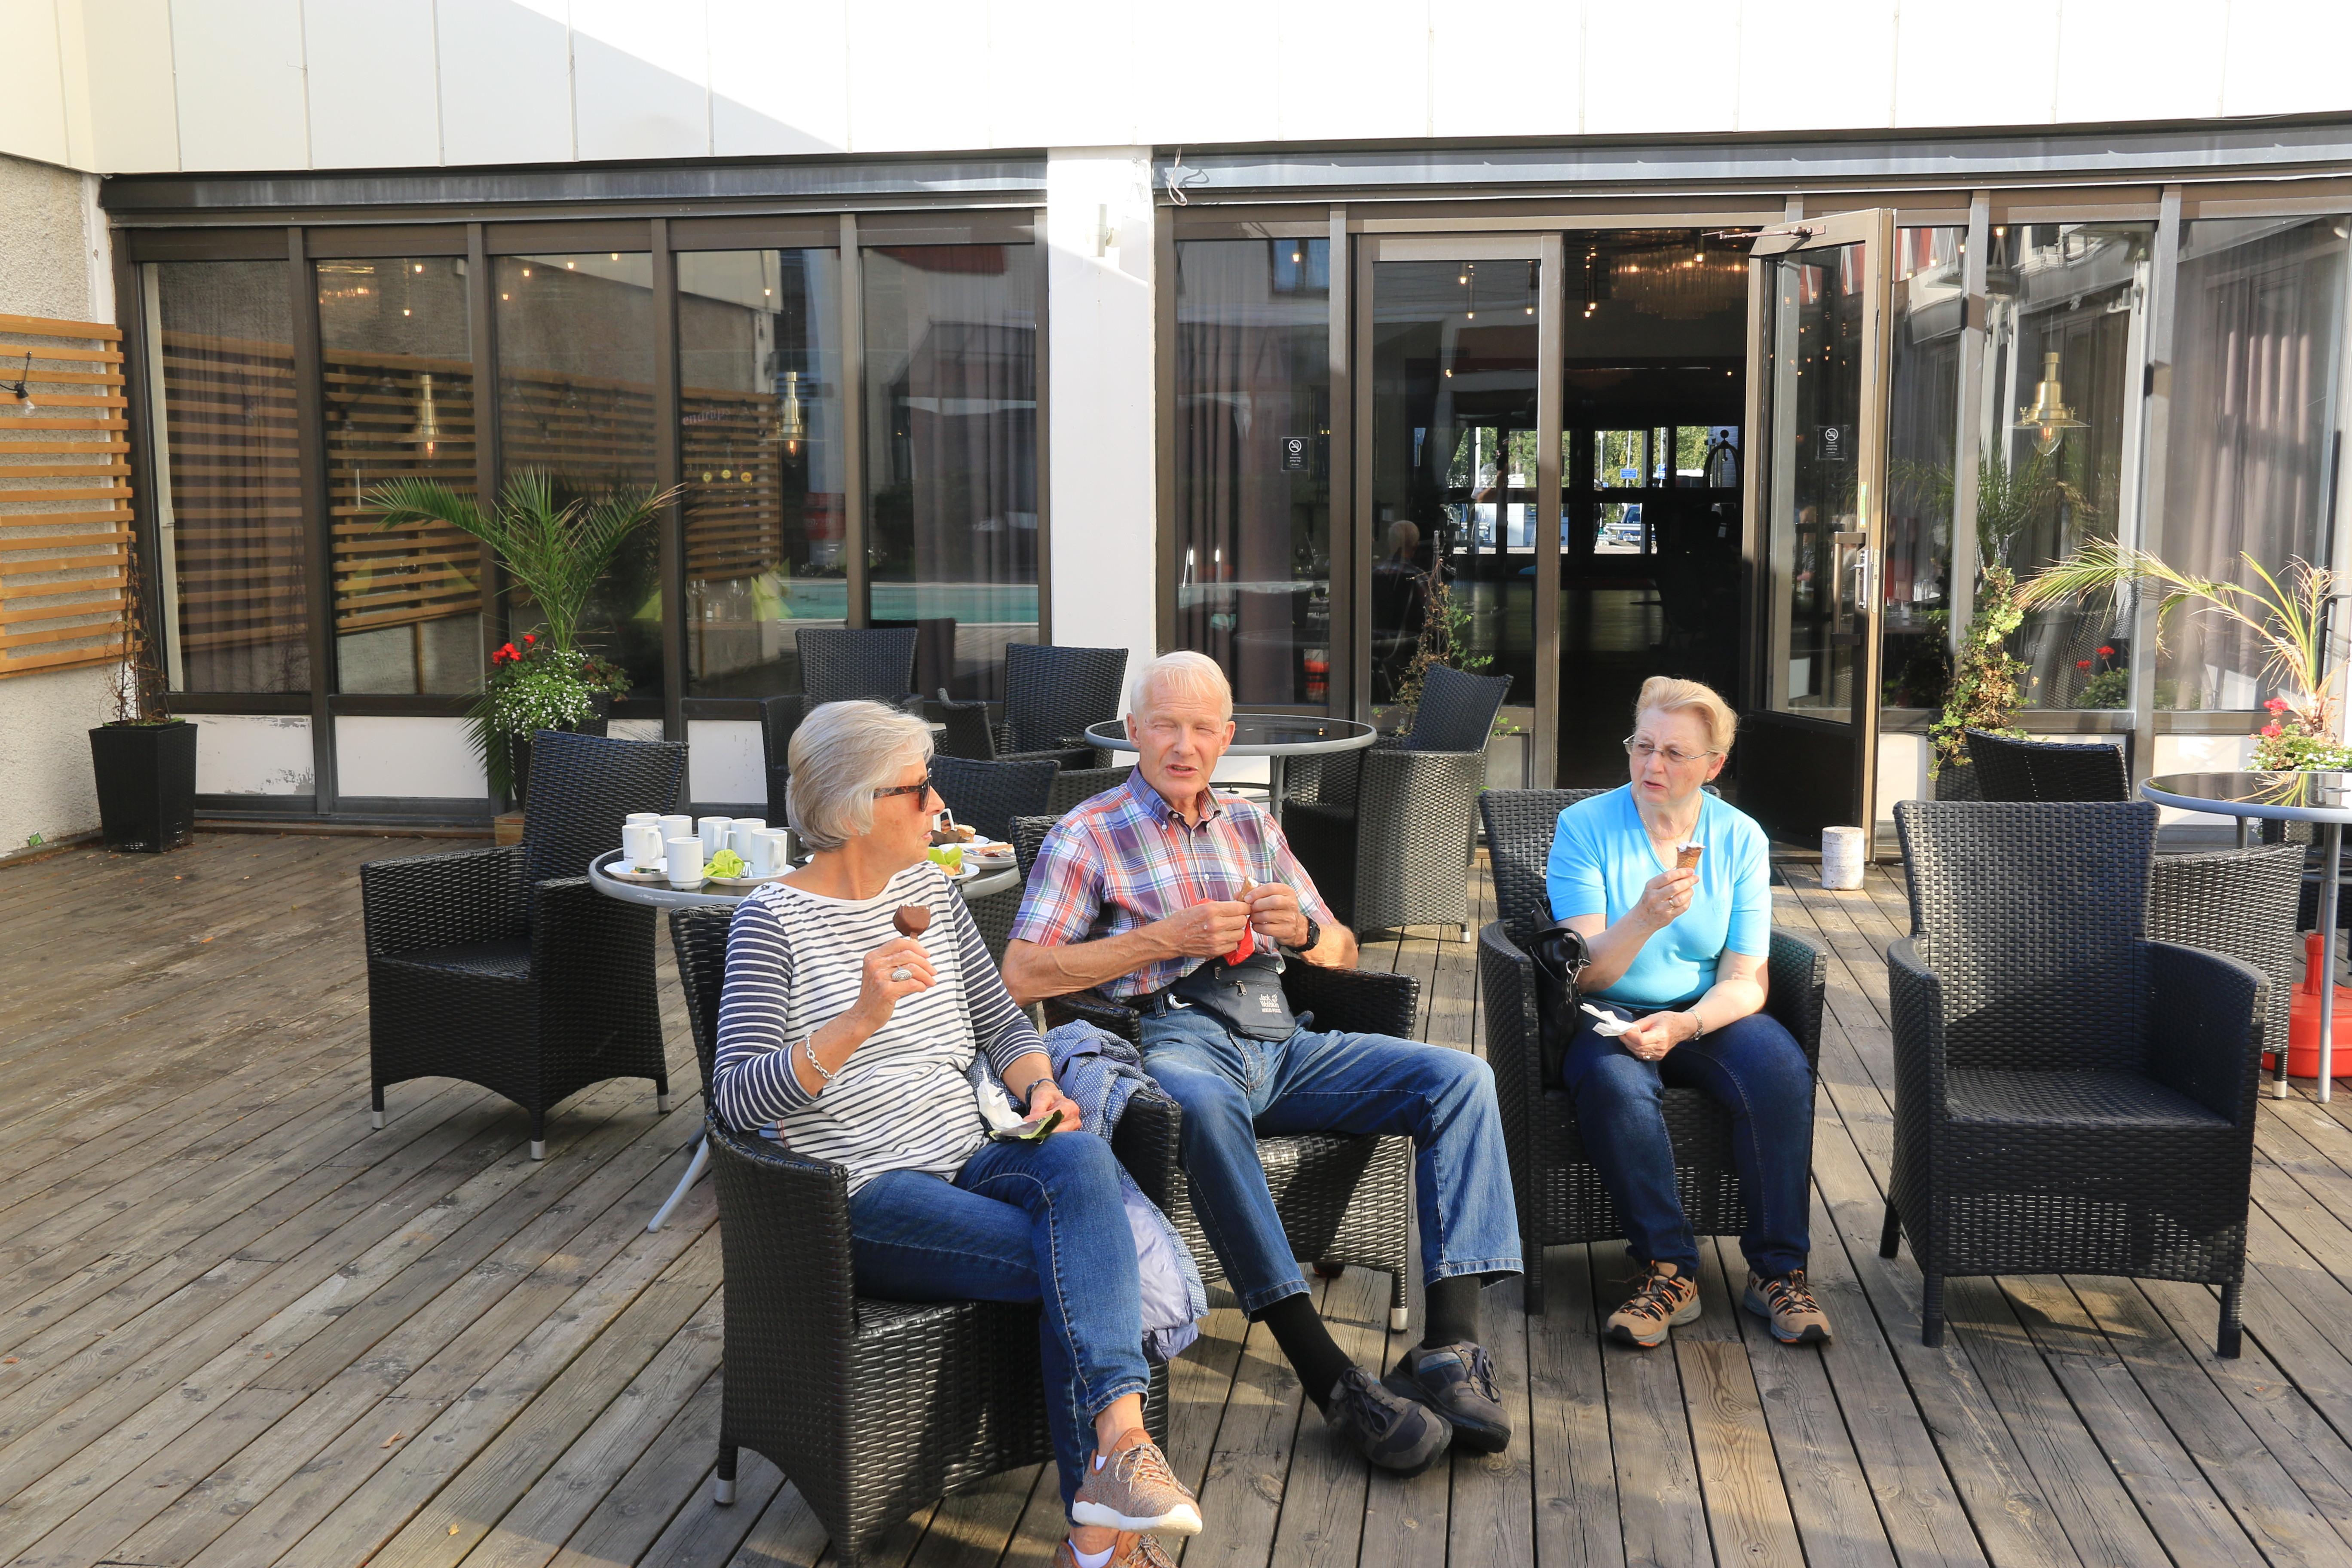 IMG_2101_Grensetreff_2019_Karlstad_Ettermiddagskaffe_på_hotellet.JPG